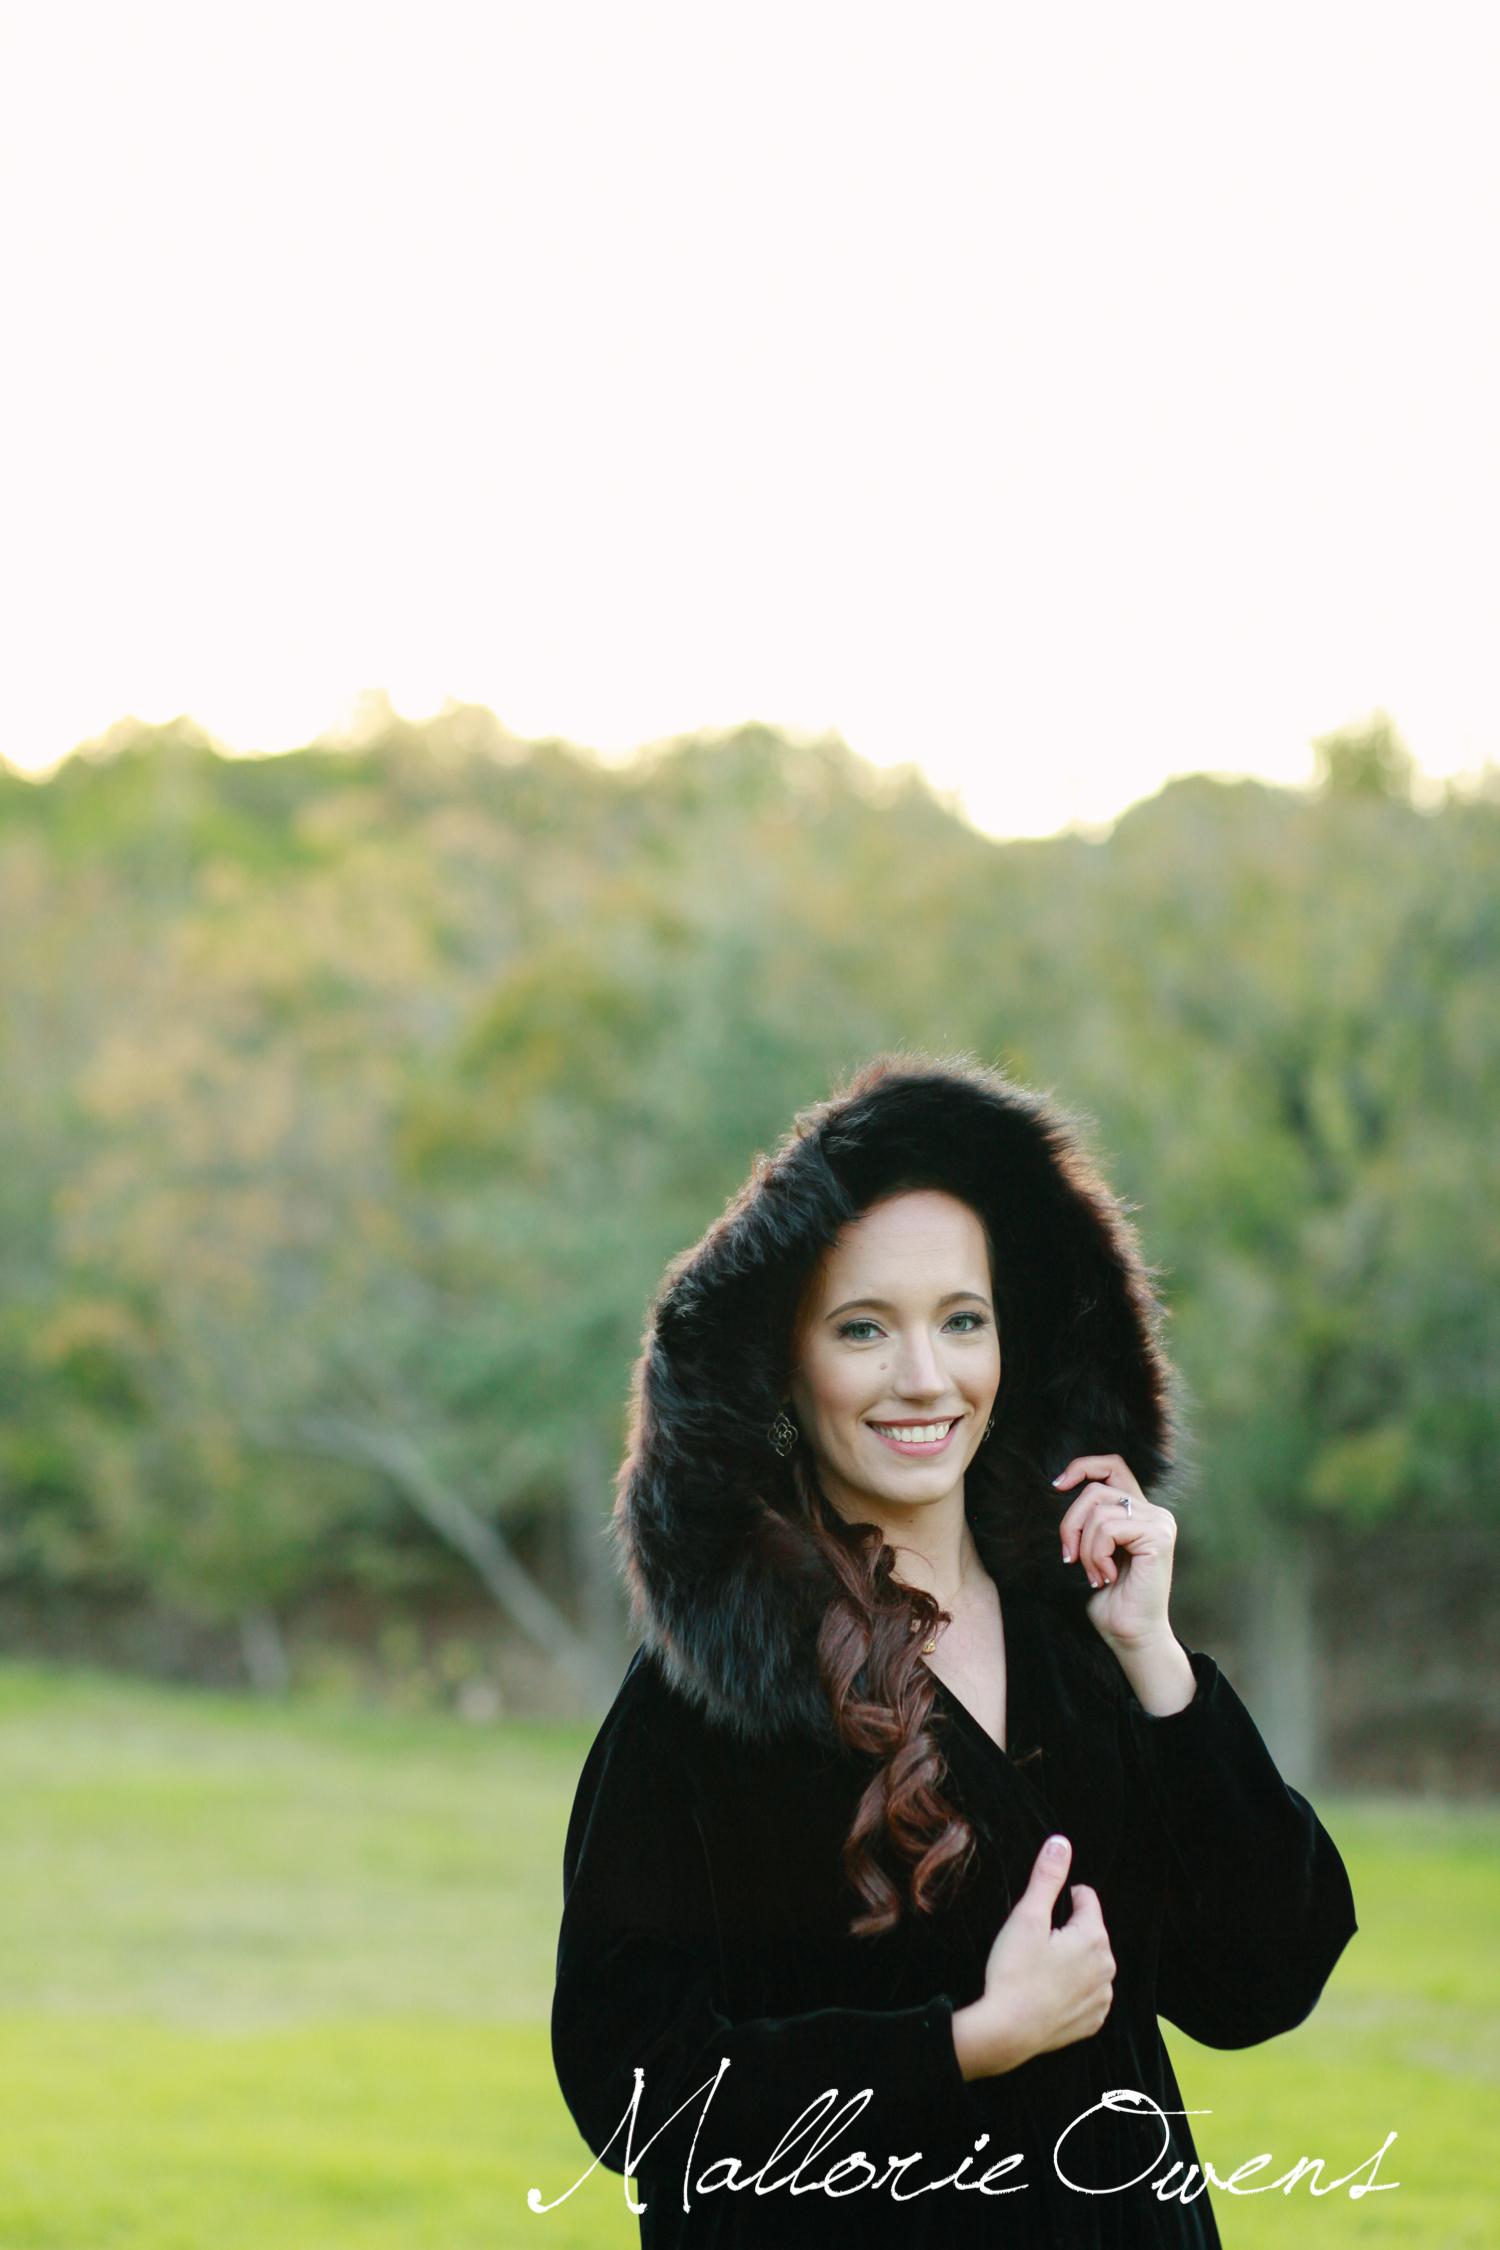 Bridal Portrait Photographer | MALLORIE OWENS